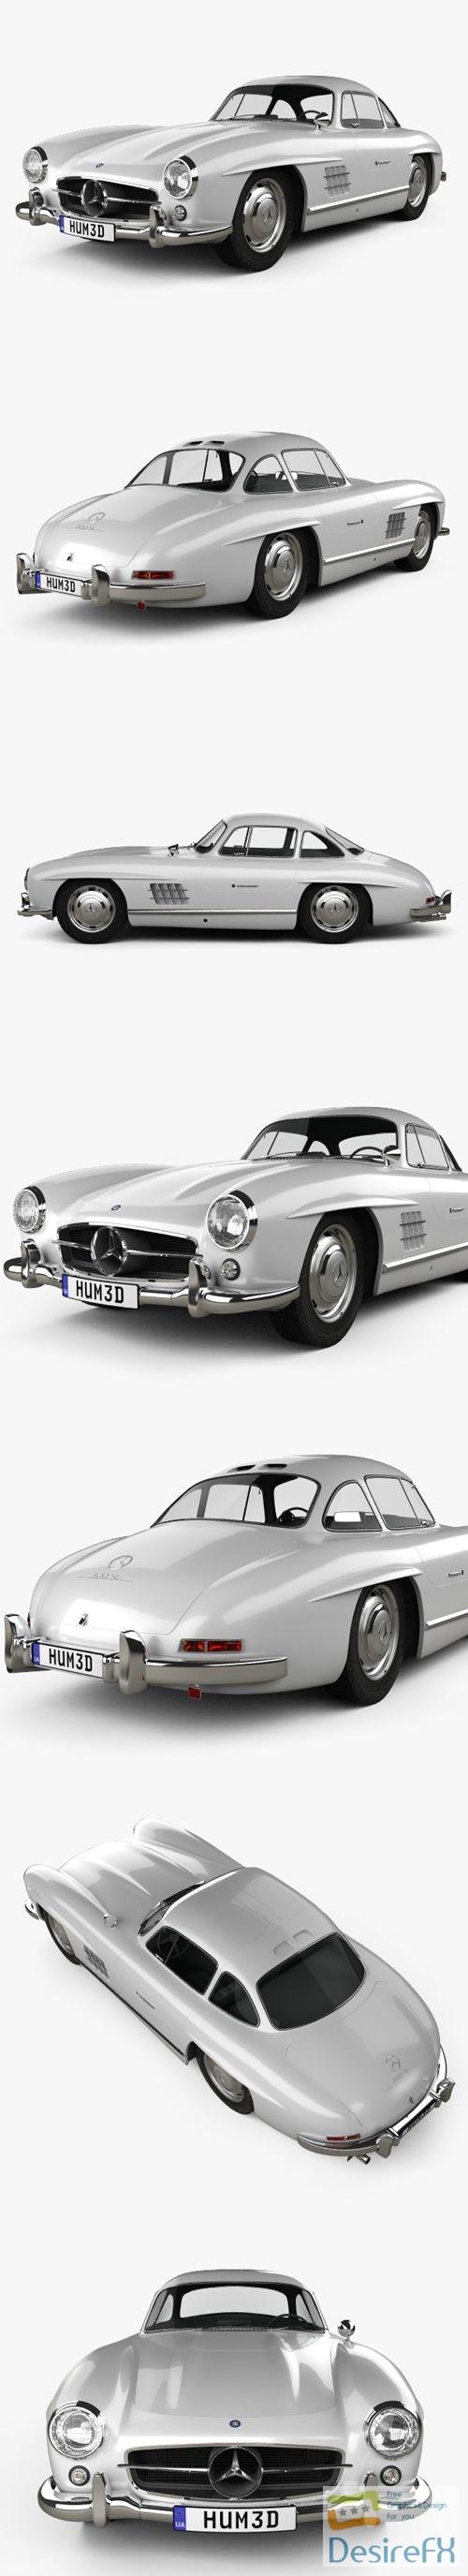 3d-models - Mercedes-Benz 300 SL Gullwing 1954 3D Model